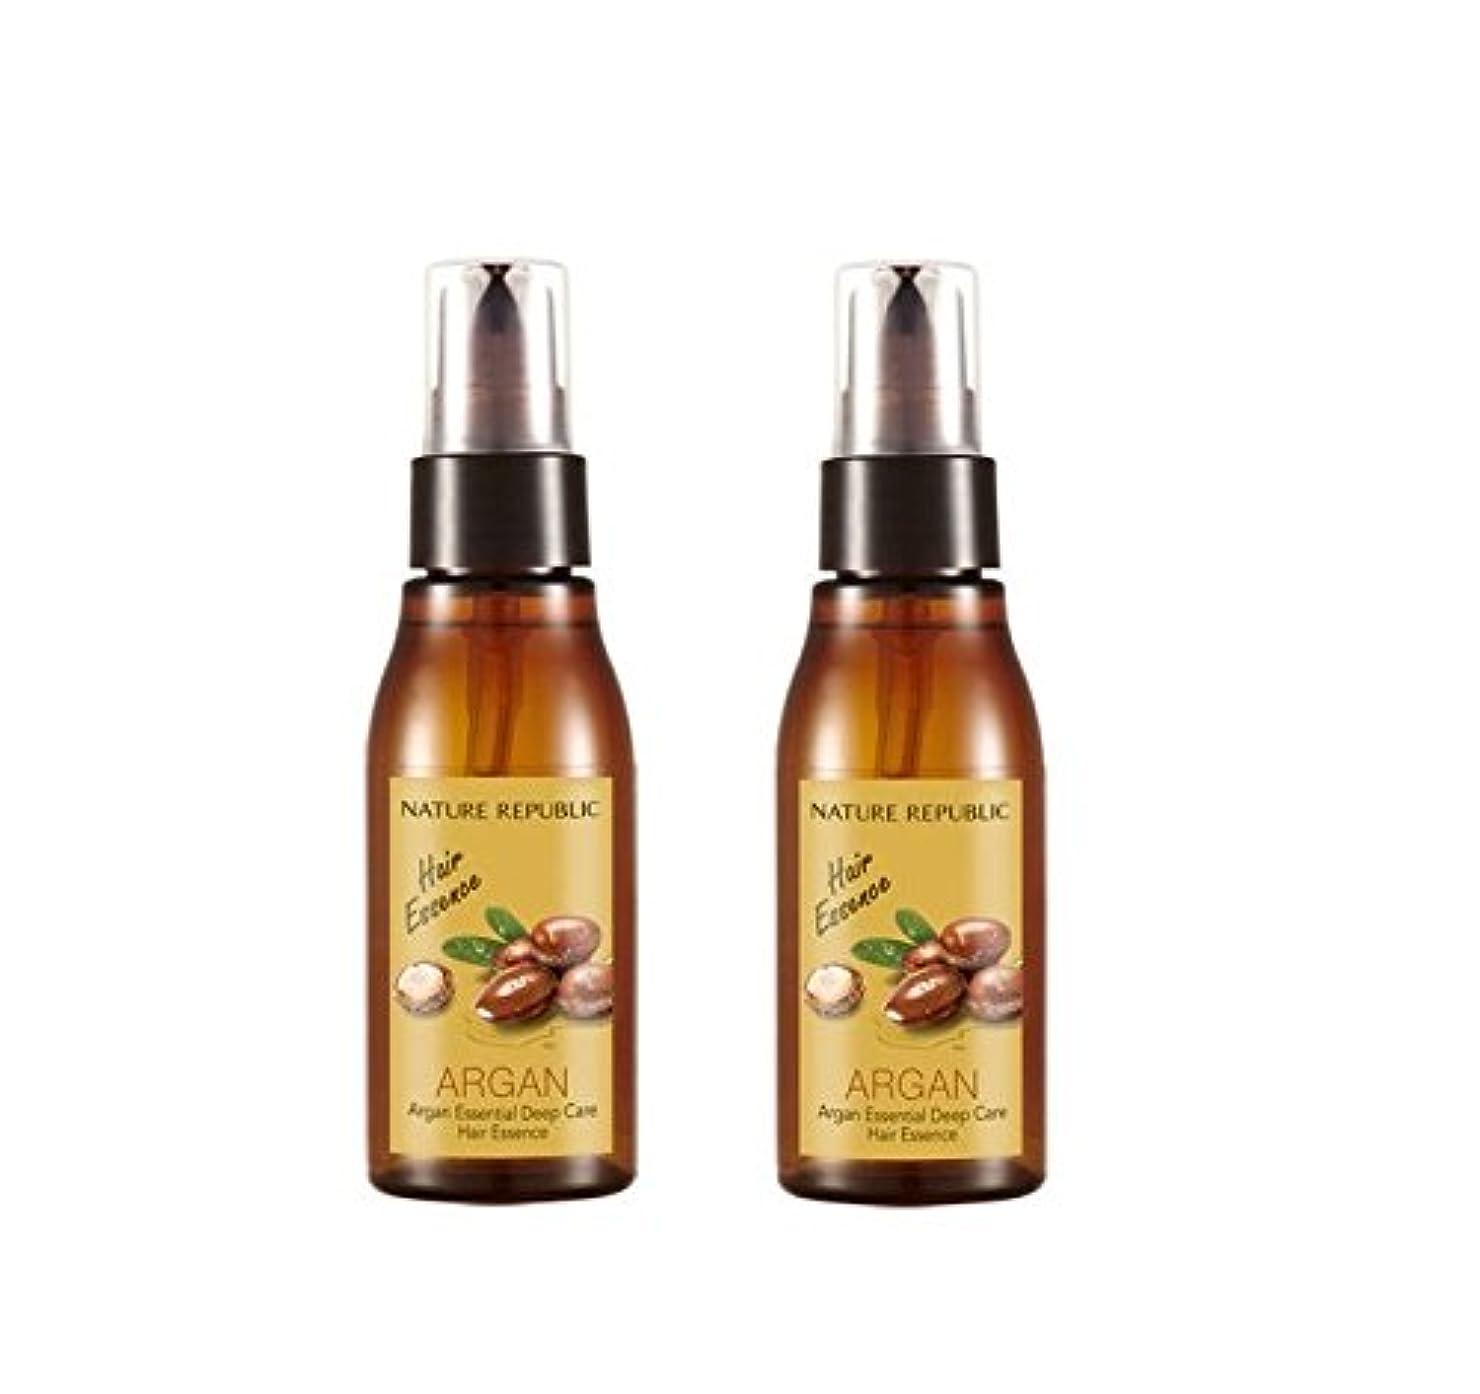 計器キモい心から[ネイチャーリパブリック]NATURE REPUBLIC/アルガンエッセンシャルディープケアヘアエッセンス x 2本(Argan Essential Deep Care Hair Essence x 2pcs set) [並行輸入品]